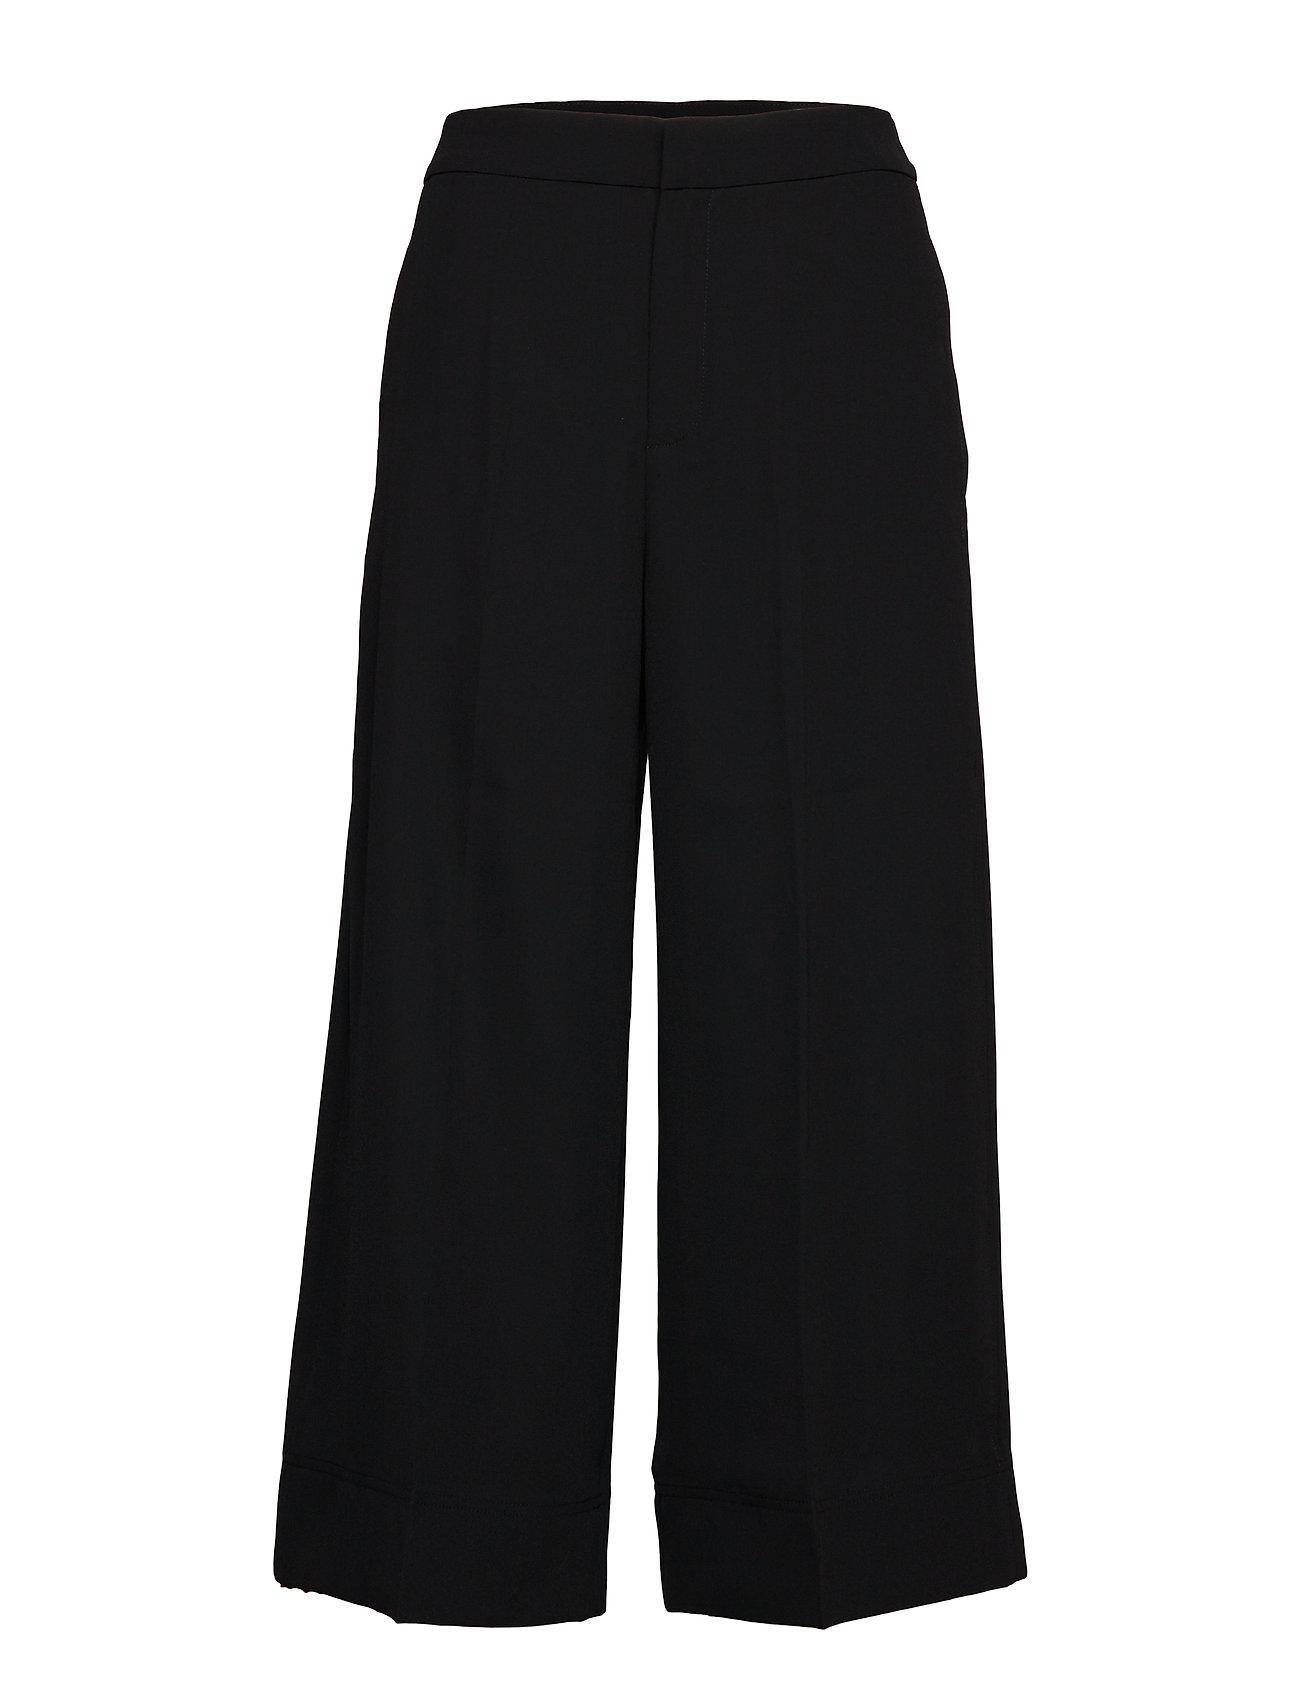 Hope Frame Trouser - BLACK